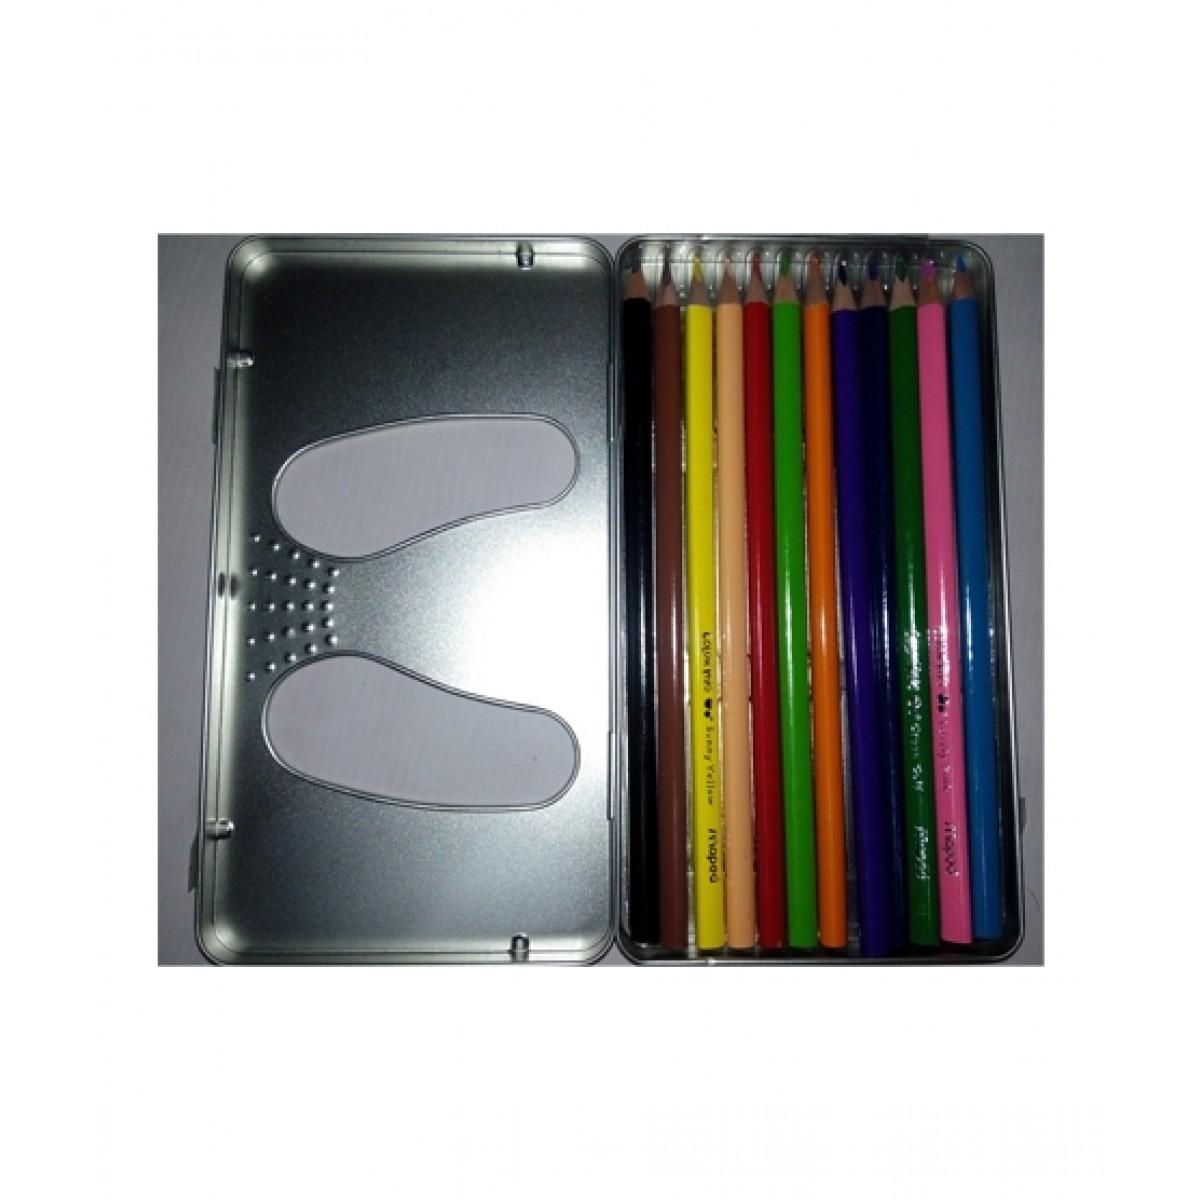 M Toys 12 Pcs Metal Casing Colour Pencils